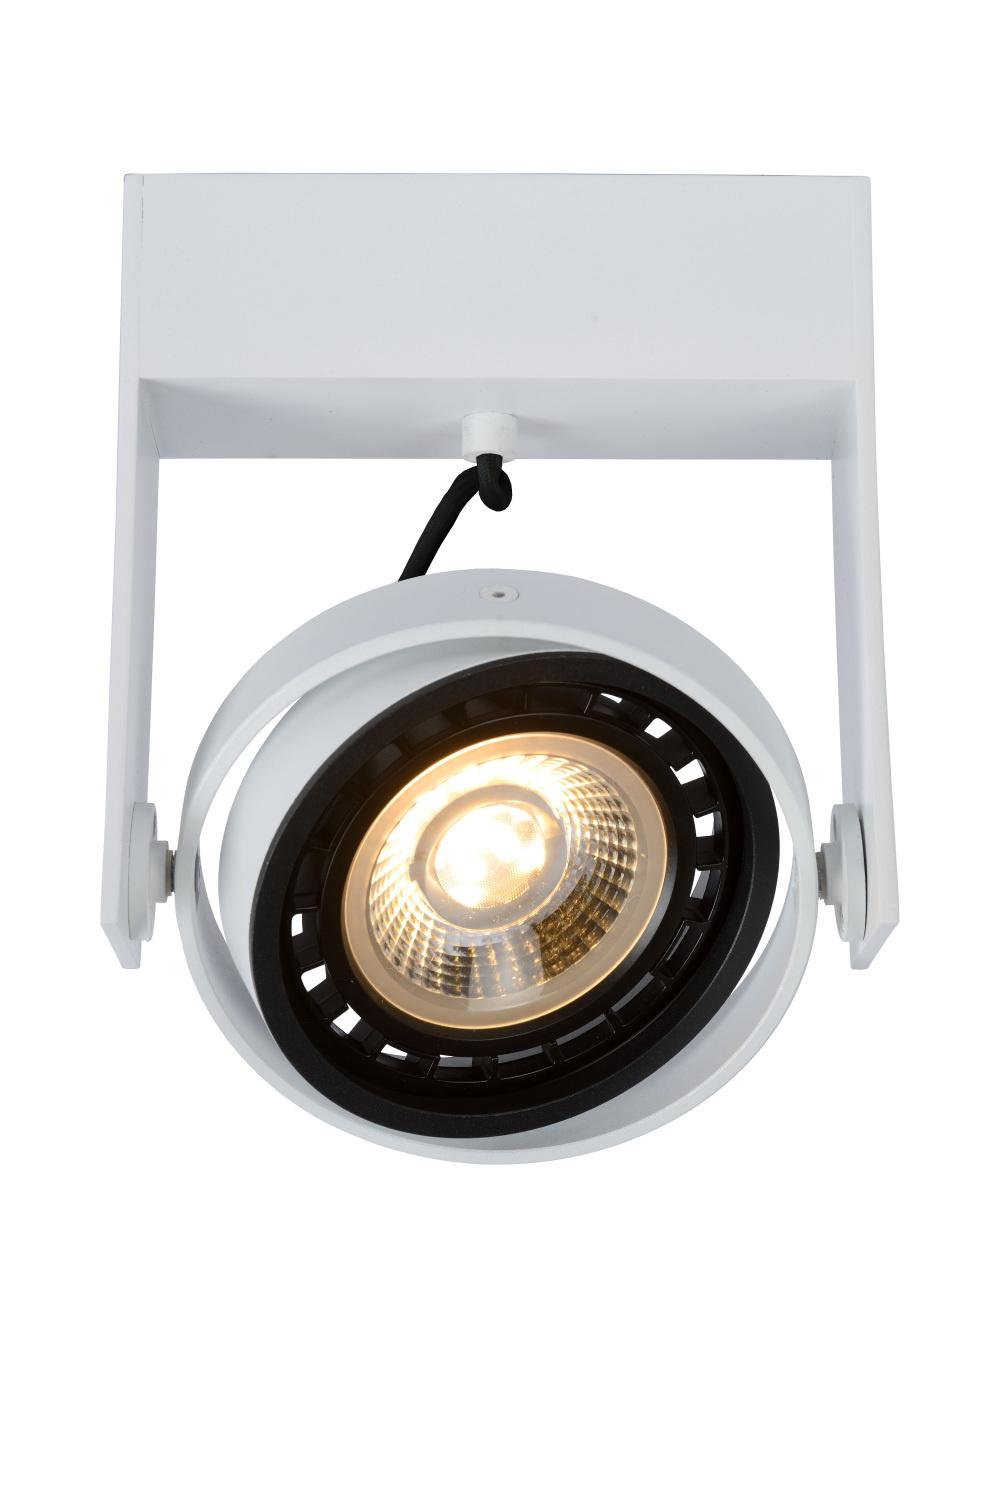 Lucide GRIFFON Plafondspot Dim-to-warm 1GU10 12W Wit